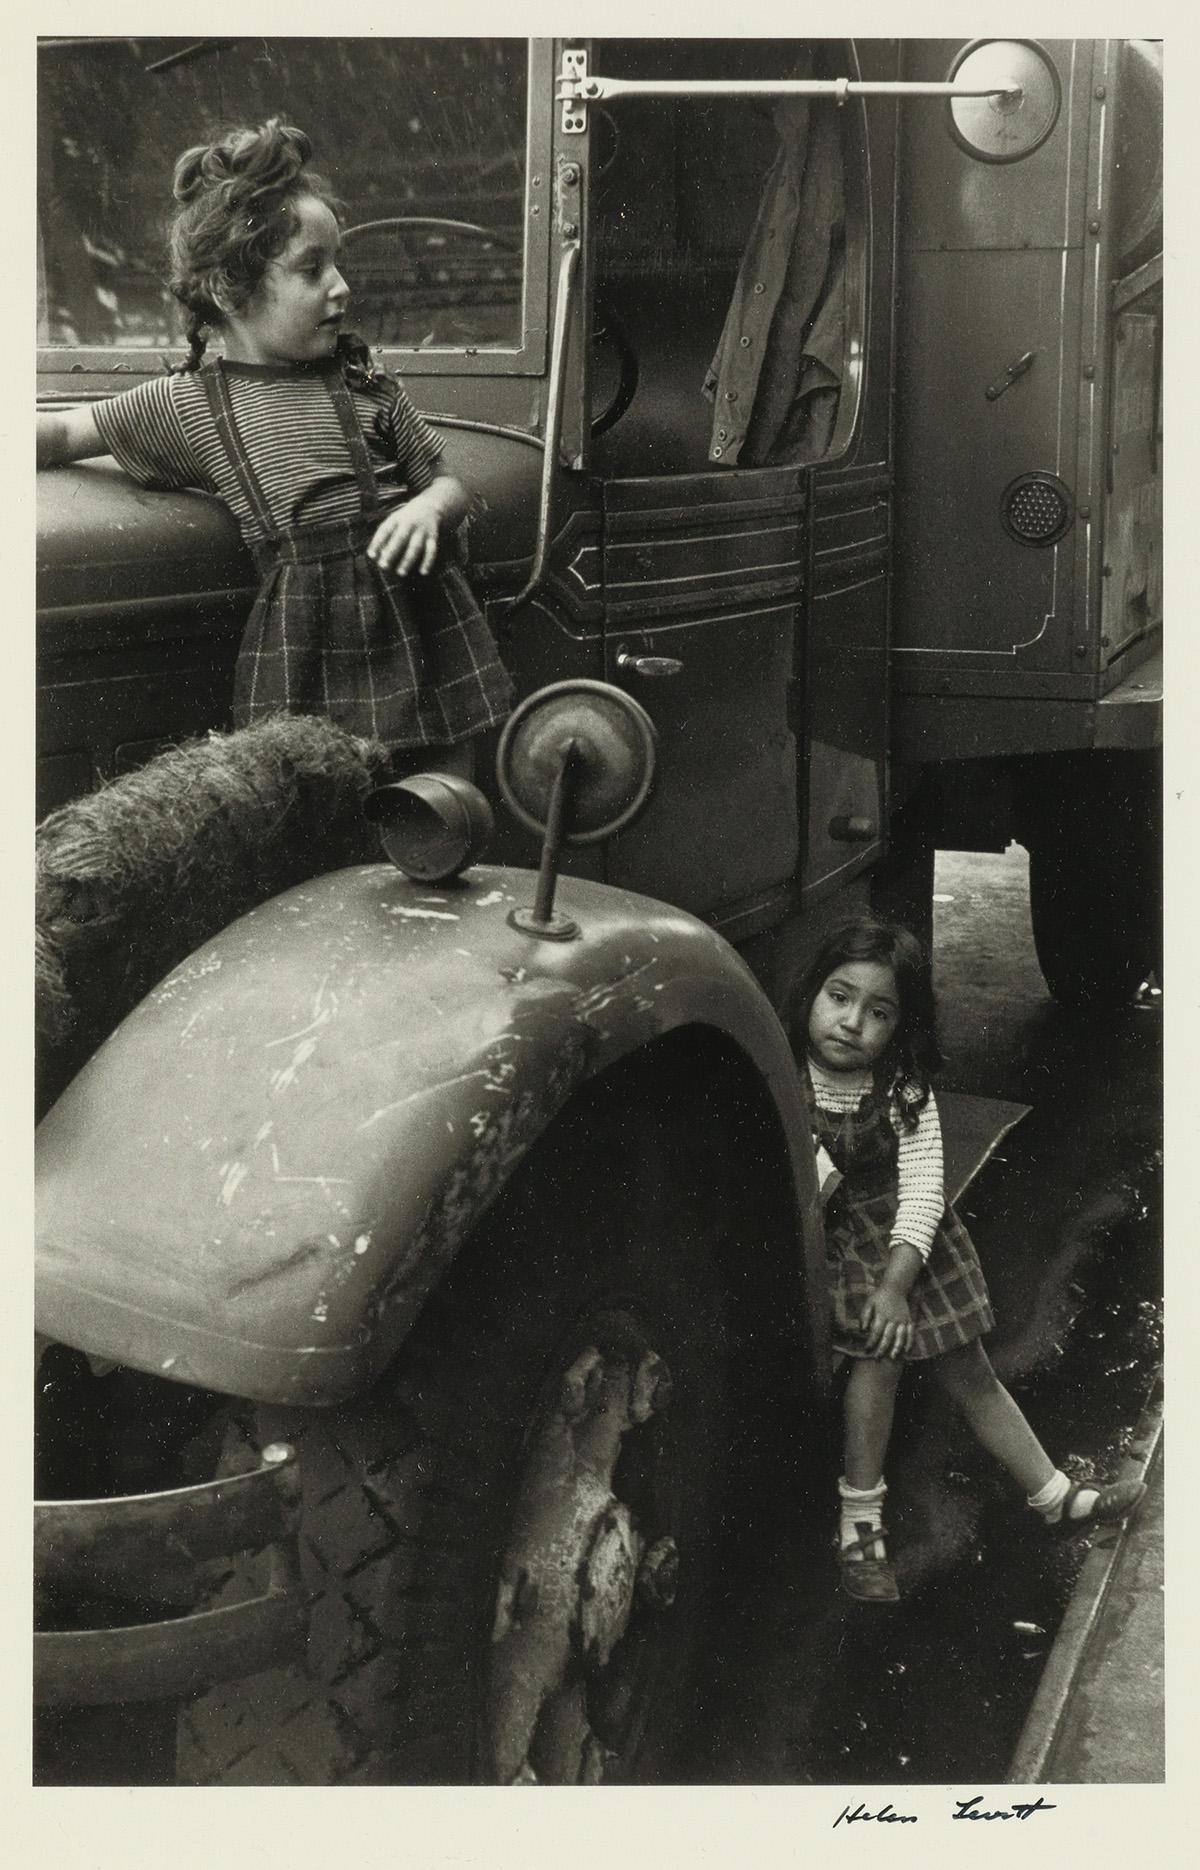 HELEN LEVITT (1913-2009) N.Y. (two girls on a truck).